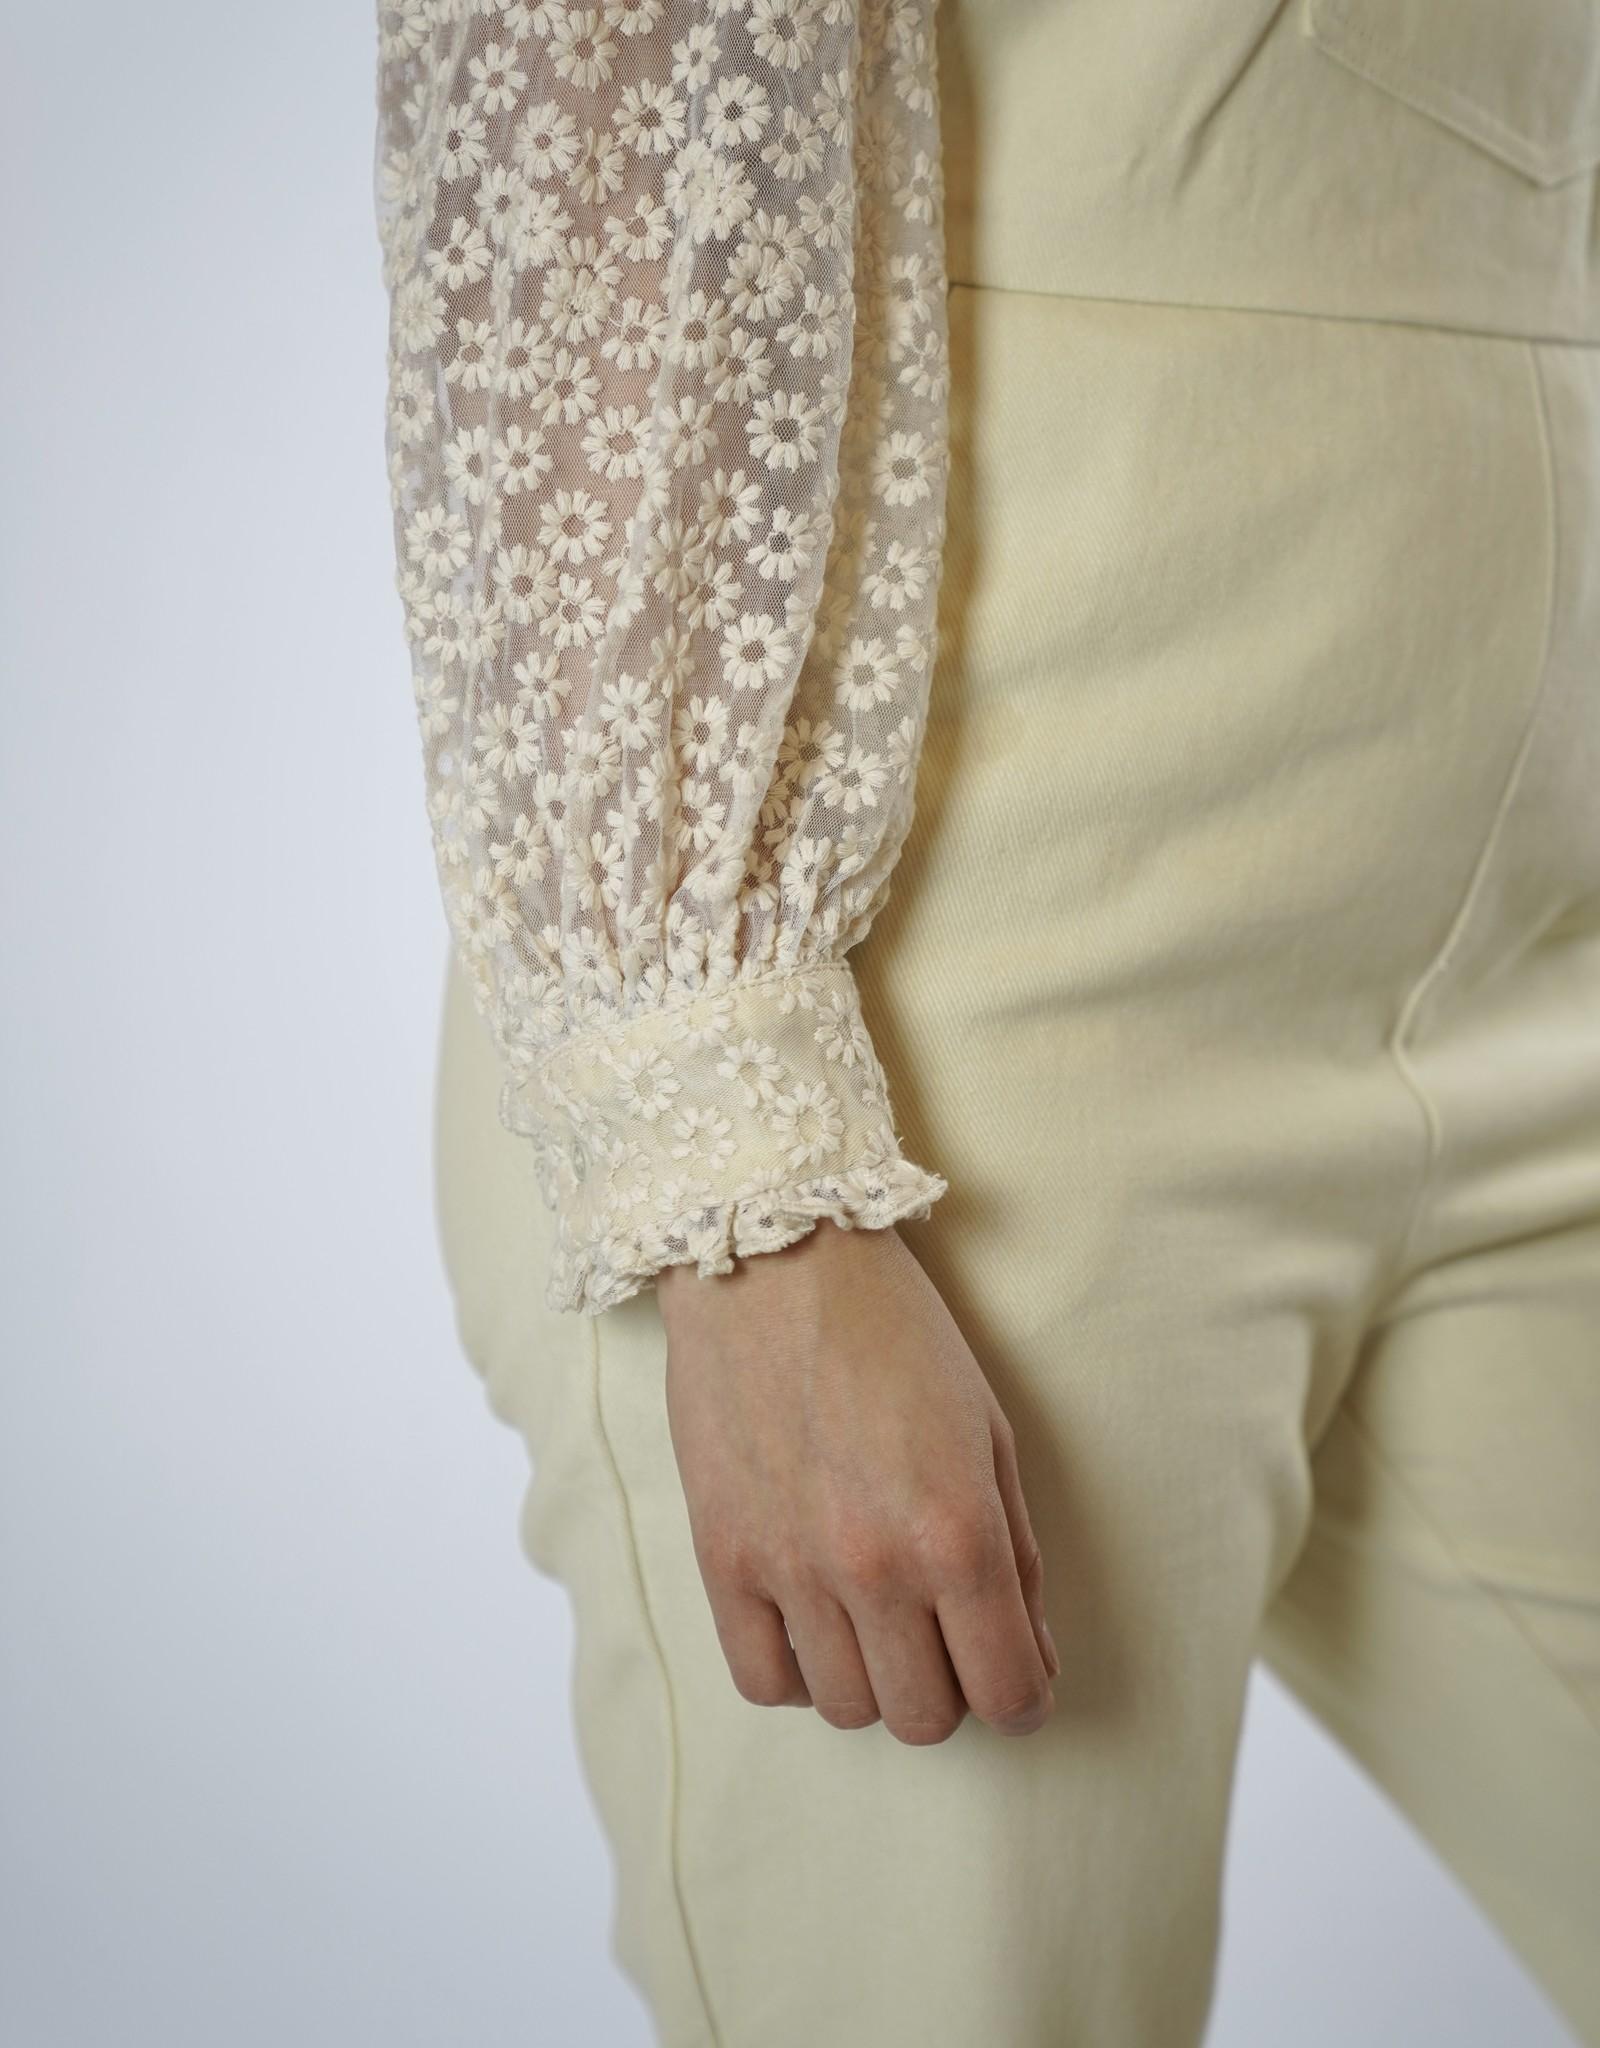 FRNCH FRNCH -Celita Shirt